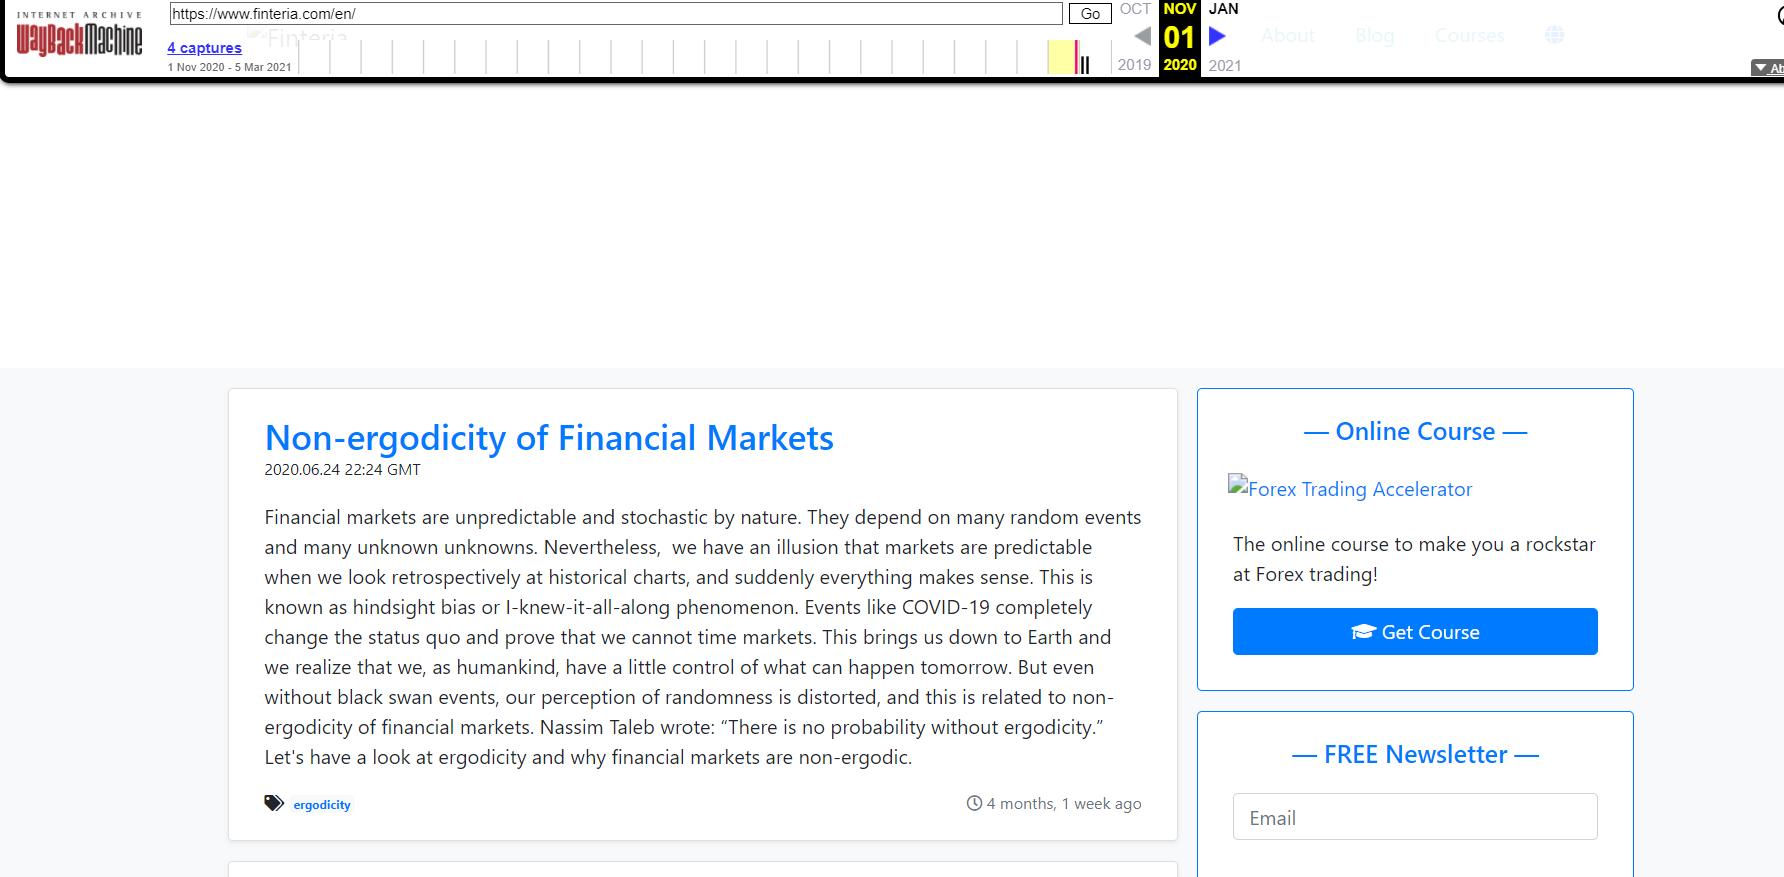 Отзывы о Finteria и обзор коммерческих предложений — Обман?